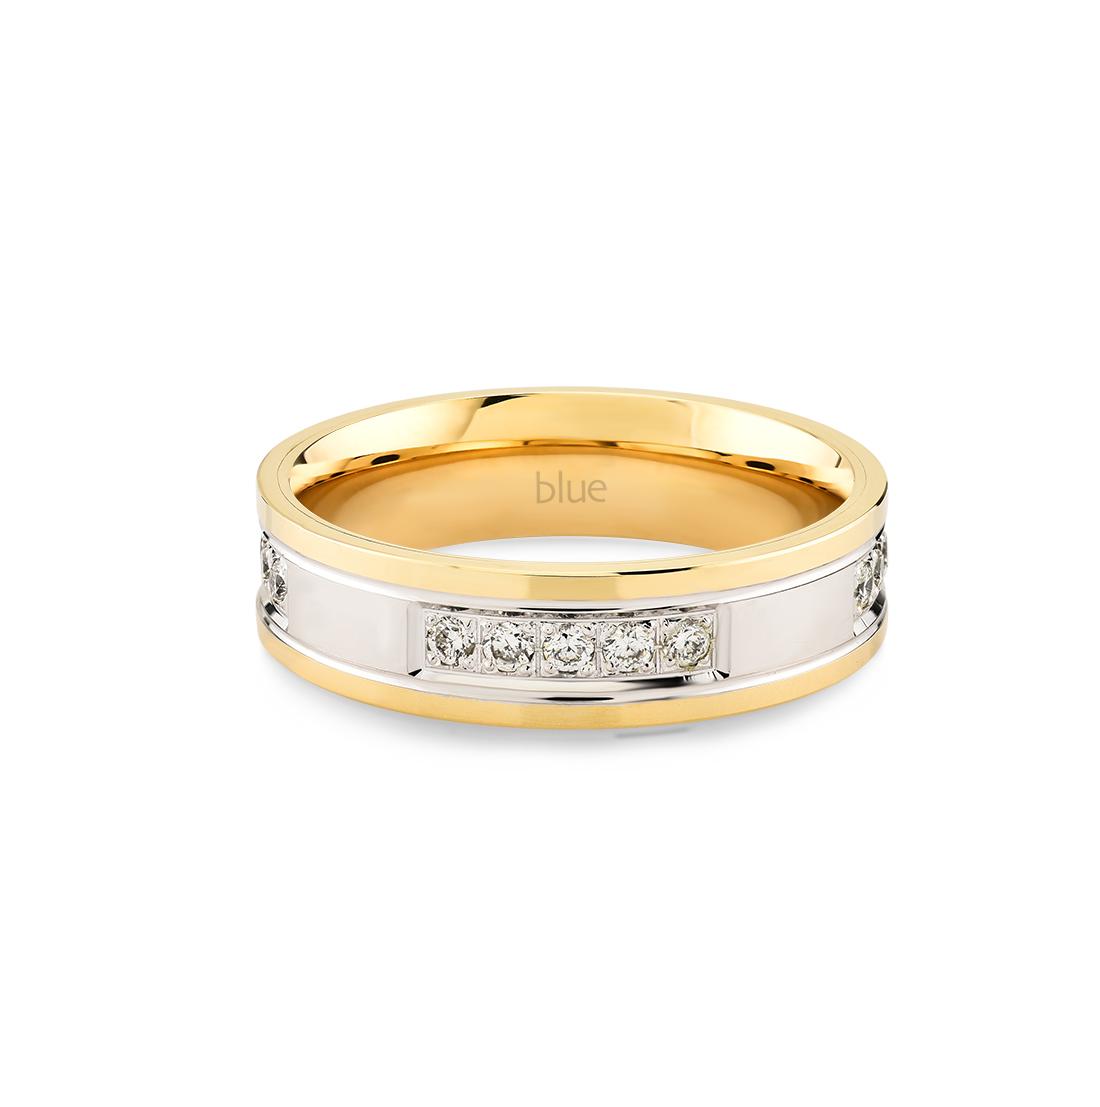 Pırlantalı Evlilik Alyansı 1